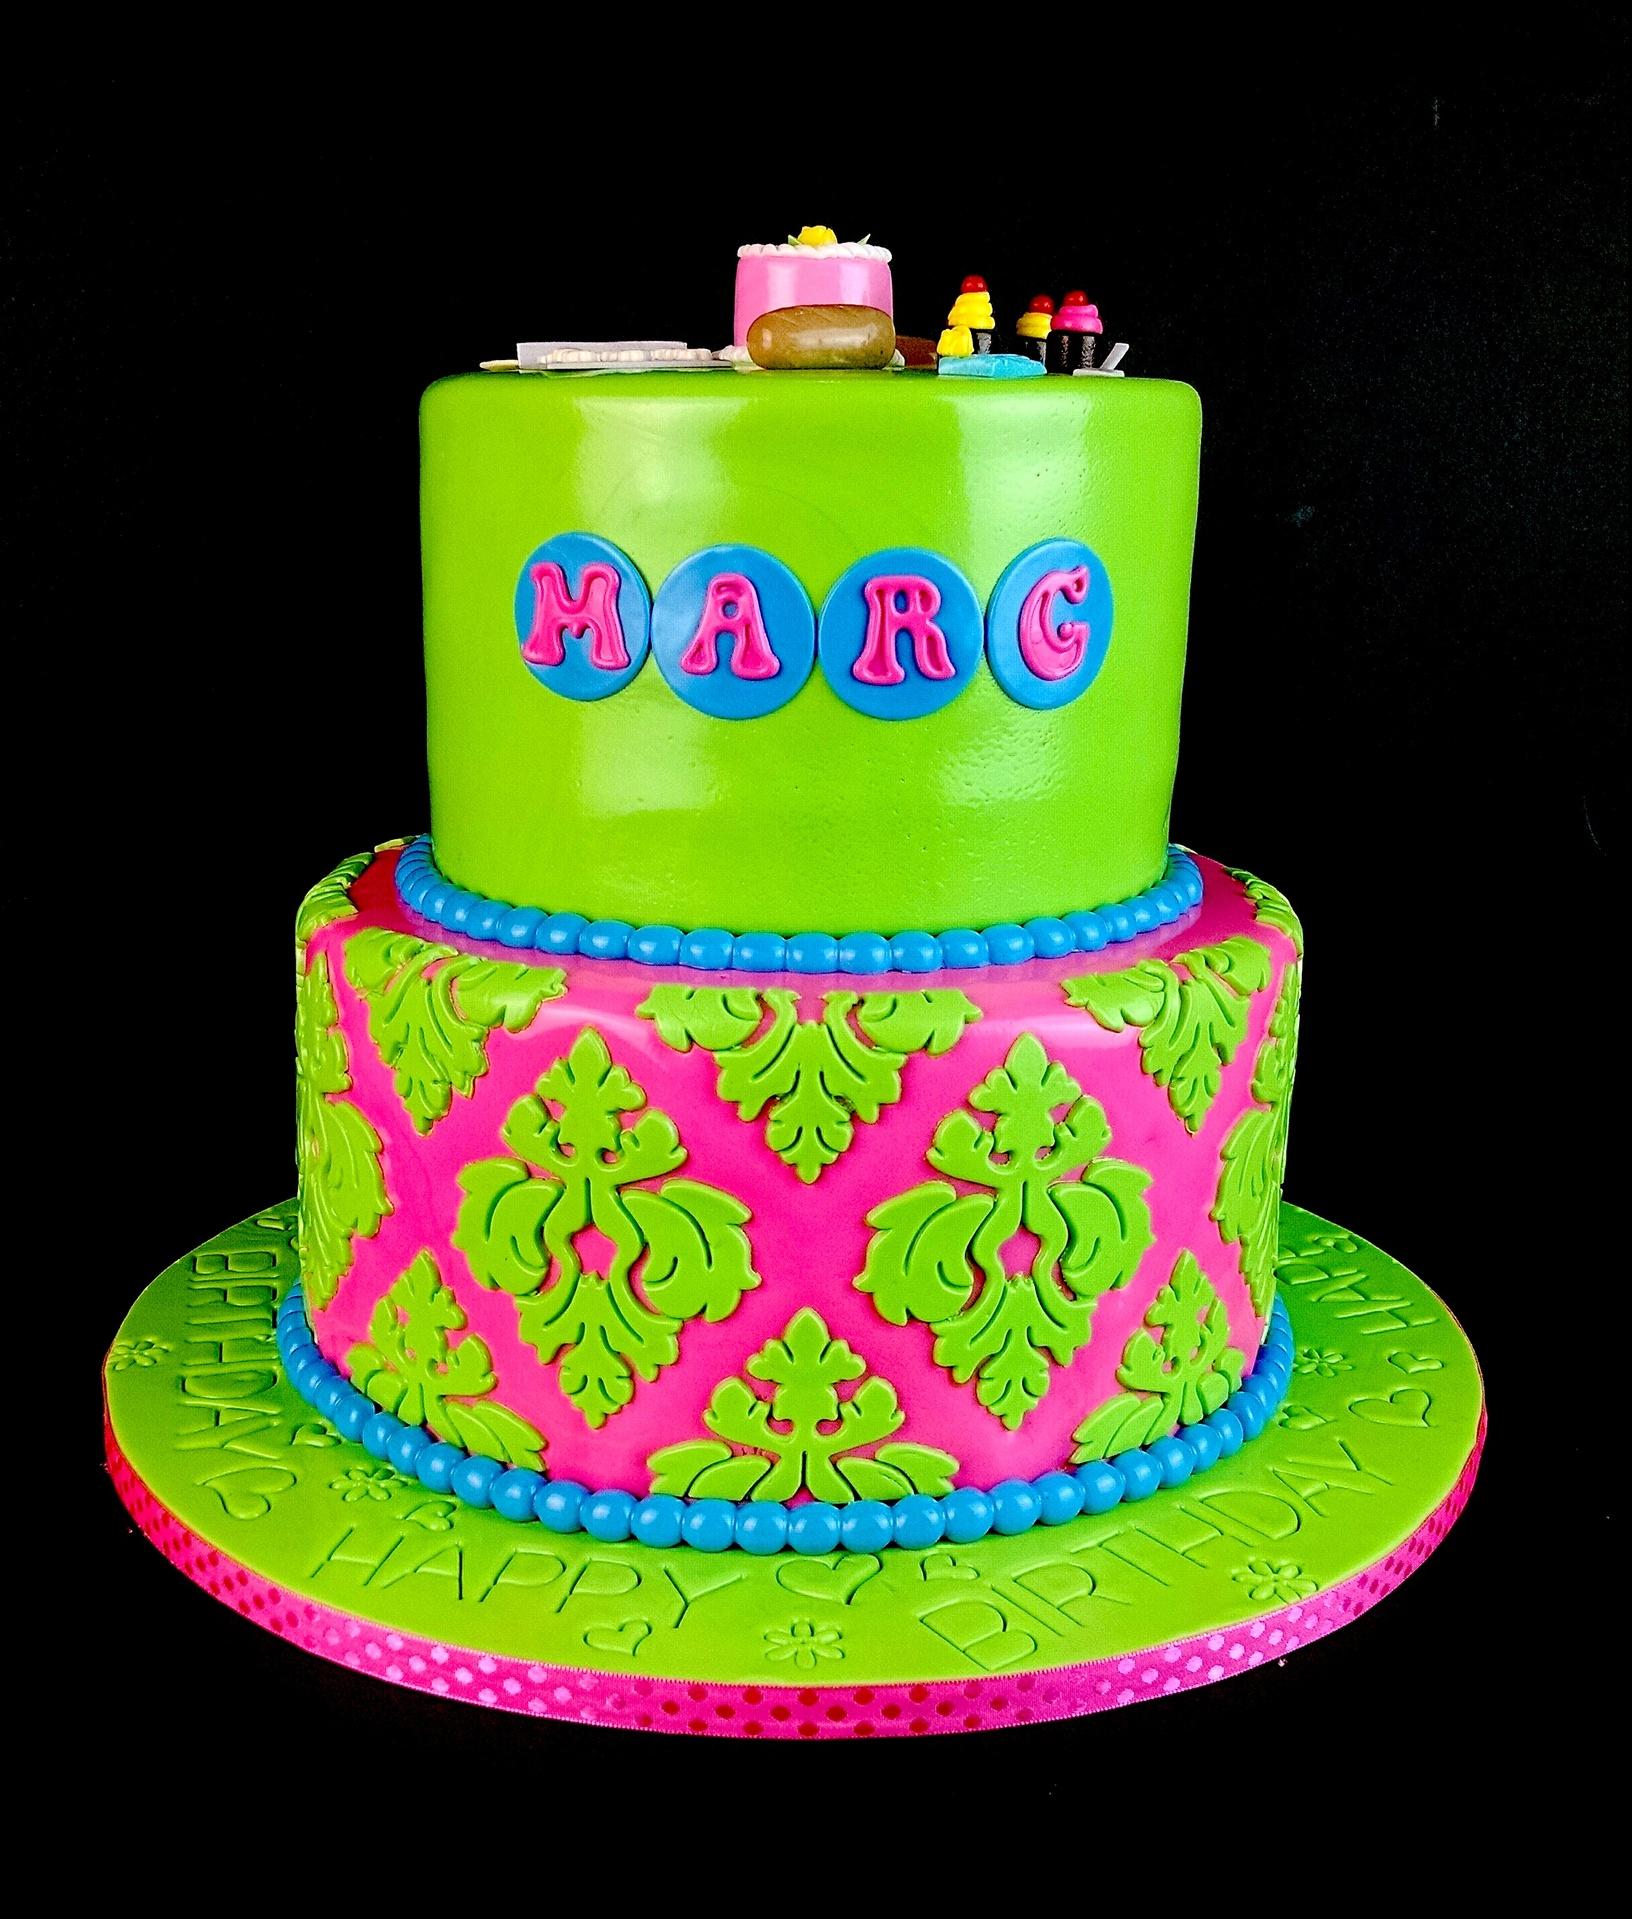 Marg's Baking Themed Cake